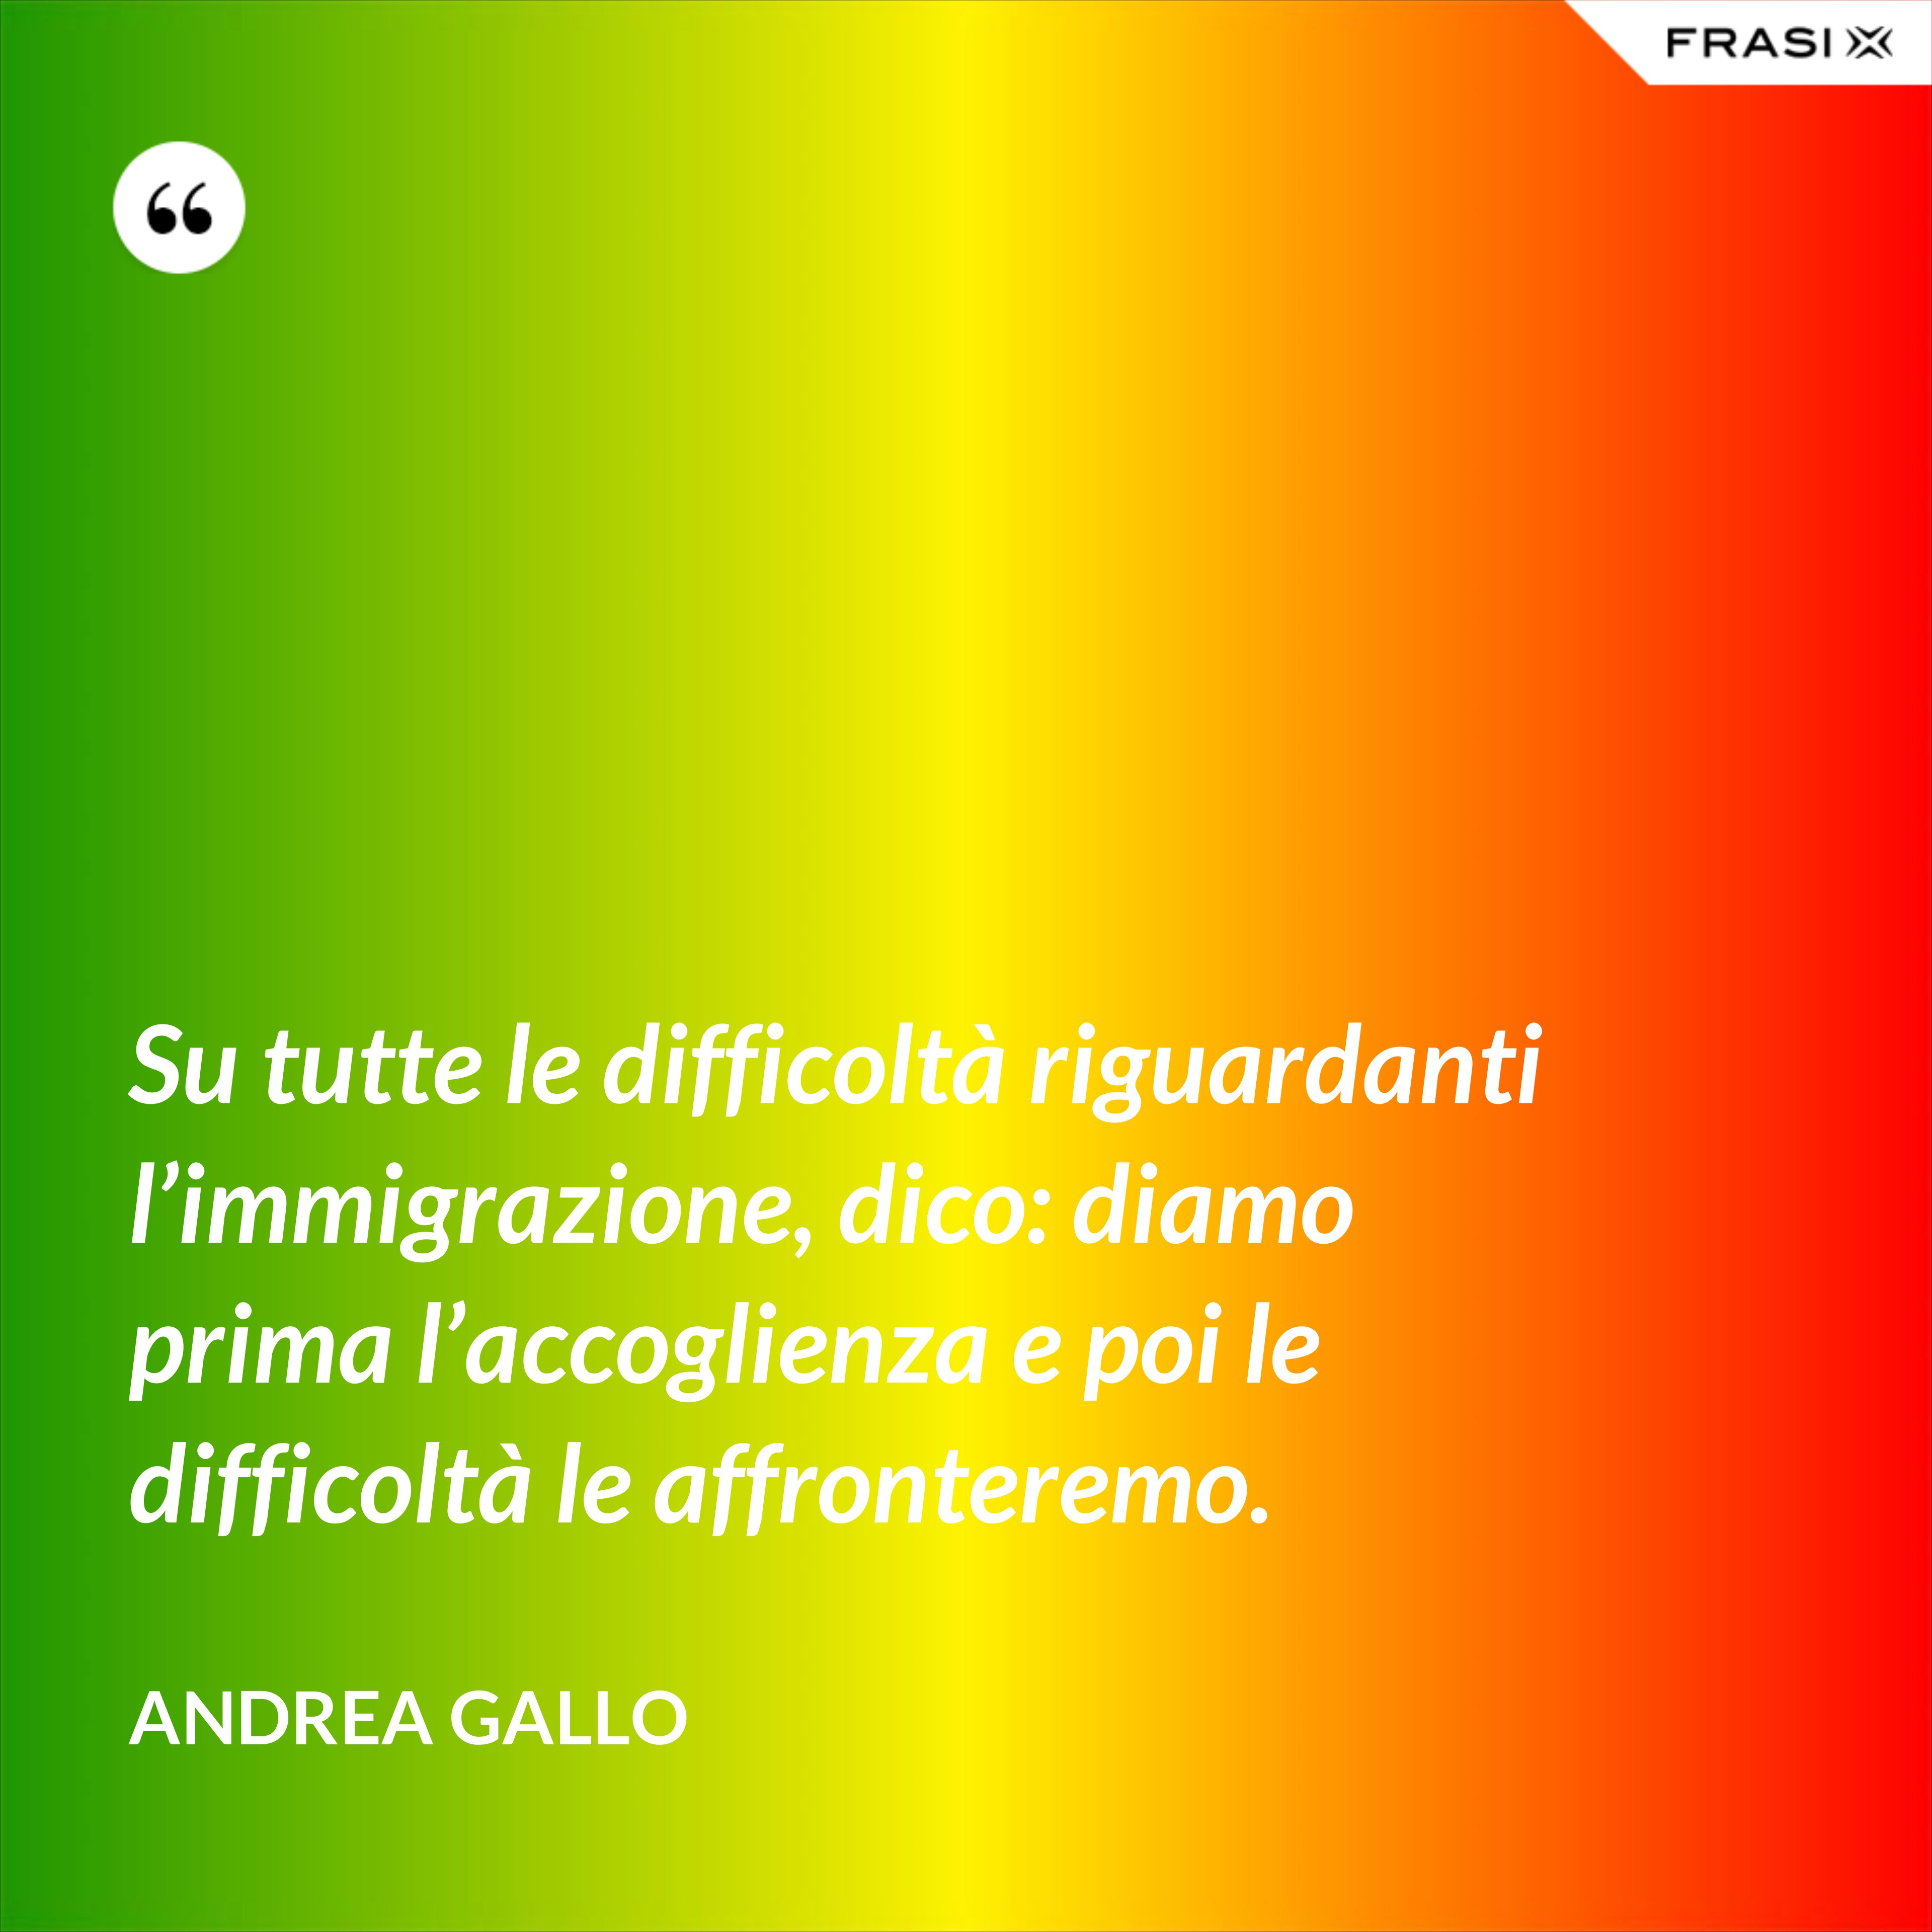 Su tutte le difficoltà riguardanti l'immigrazione, dico: diamo prima l'accoglienza e poi le difficoltà le affronteremo. - Andrea Gallo